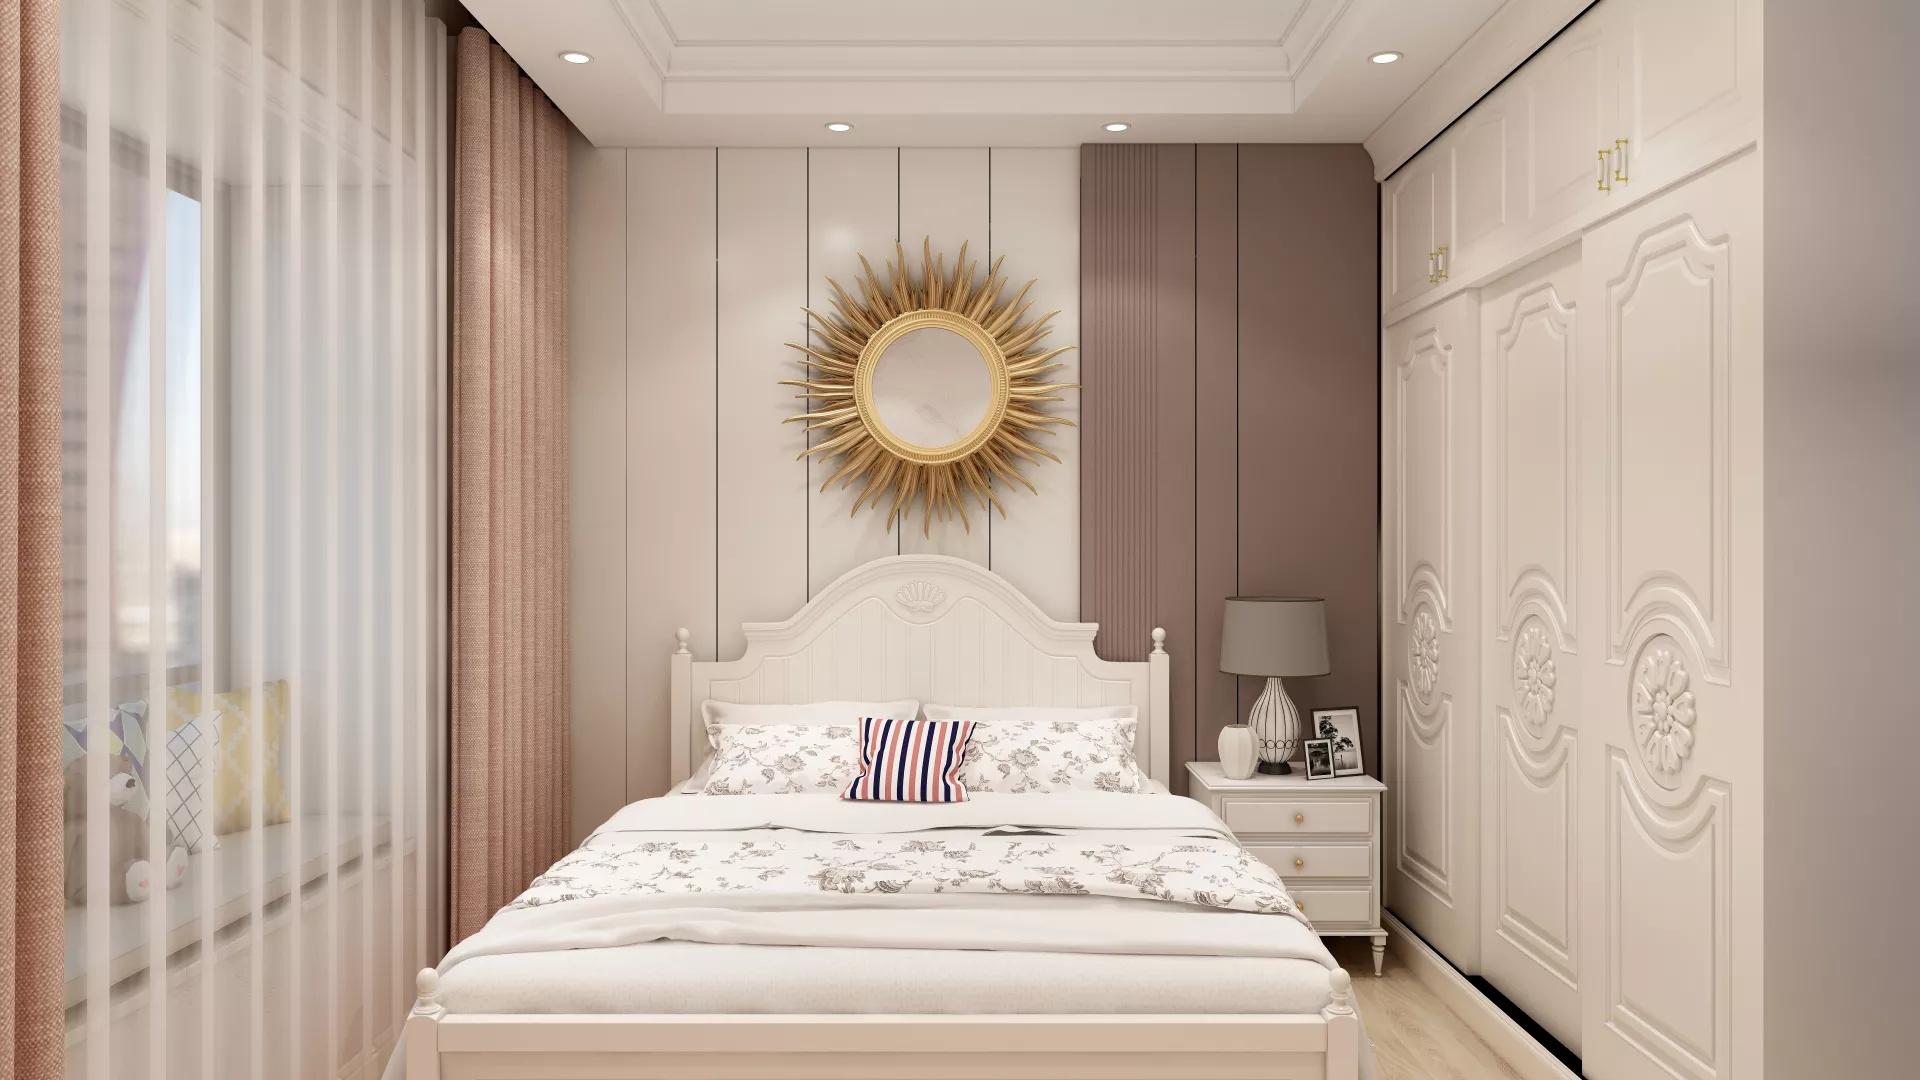 美式乡村风格浪漫型客厅装修效果图